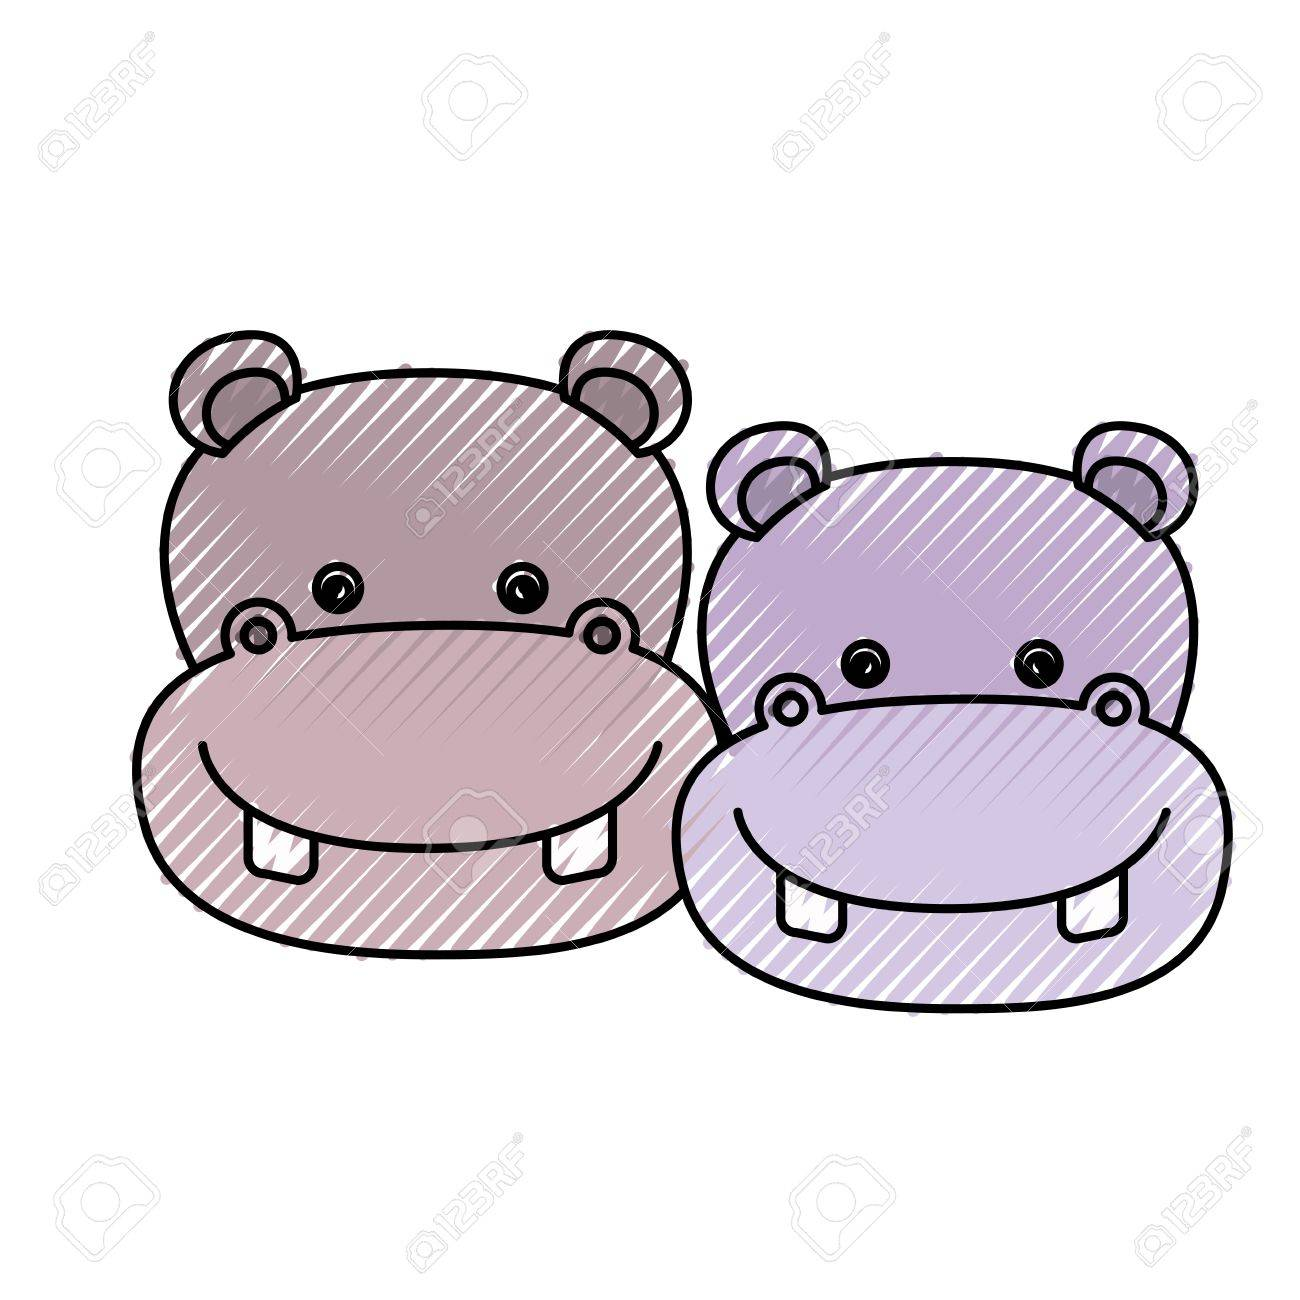 色クレヨン シルエット似顔絵顔カップルかわいい動物カバ ベクトル イラストのイラスト素材 ベクタ Image 84427681